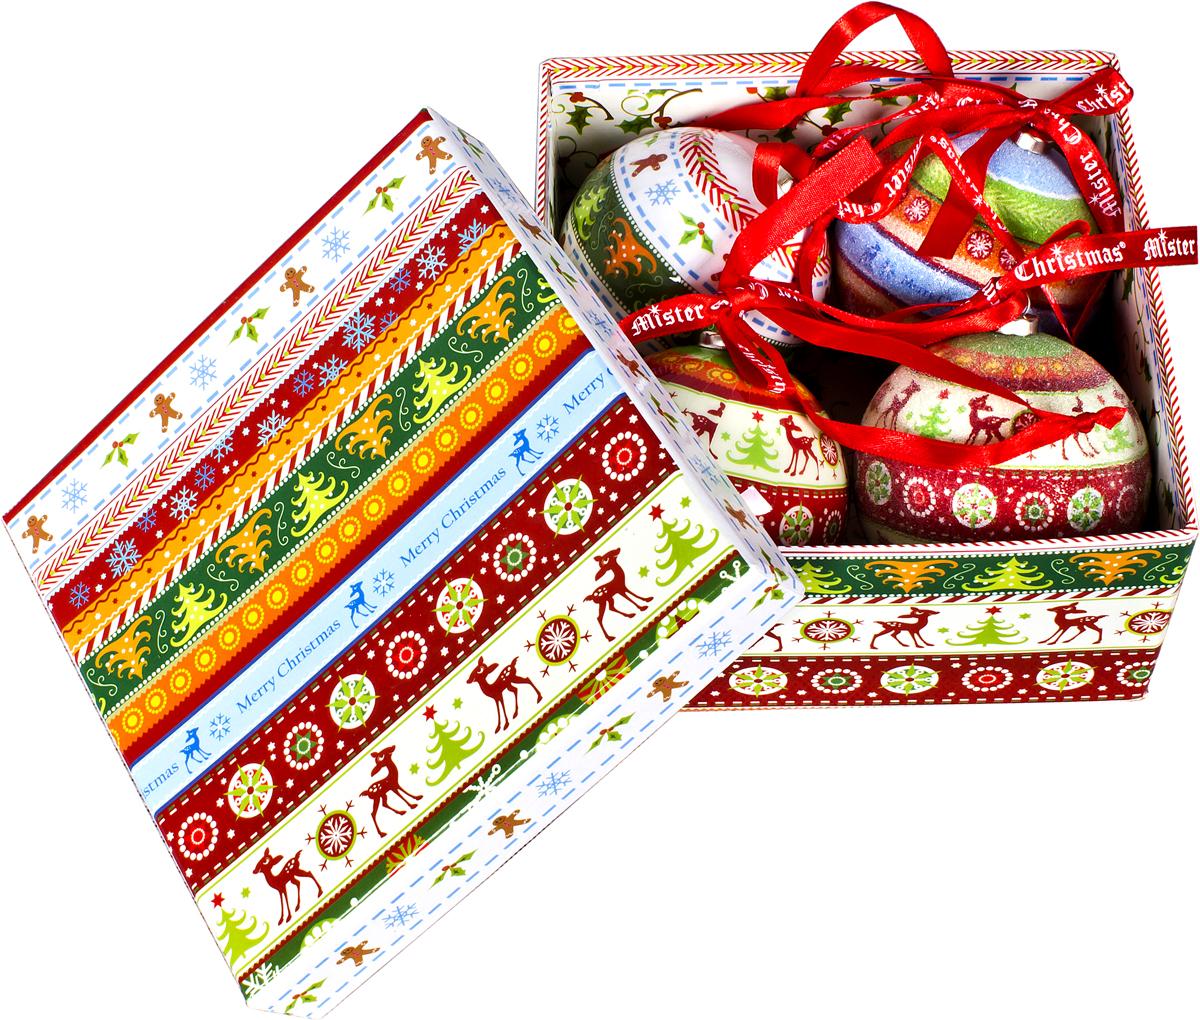 Набор новогодних подвесных украшений Mister Christmas Папье-маше, диаметр 7,5 см, 4 шт. PM-42-4PM-42-4Набор из 4 подвесных украшений Mister ChristmasПапье-маше прекрасно подойдет для праздничногодекора новогодней ели. Изделия, выполненные избумаги и покрытые несколькими слоями лака, оченьпрочные и легкие. Такие шары создадут единый стиль воформлении не только ели, но и интерьера вашего дома.В наборе игрушки имеют глянцевую поверхность ипокрытые мелкой пластиковой крошкой.Все изделия оснащены атласной ленточкой с логотипомбренда Mister Christmas для подвешивания.Такие украшения станут превосходным подарком кНовому году, а также дополнят коллекцию оригинальныхновогодних елочных игрушек.